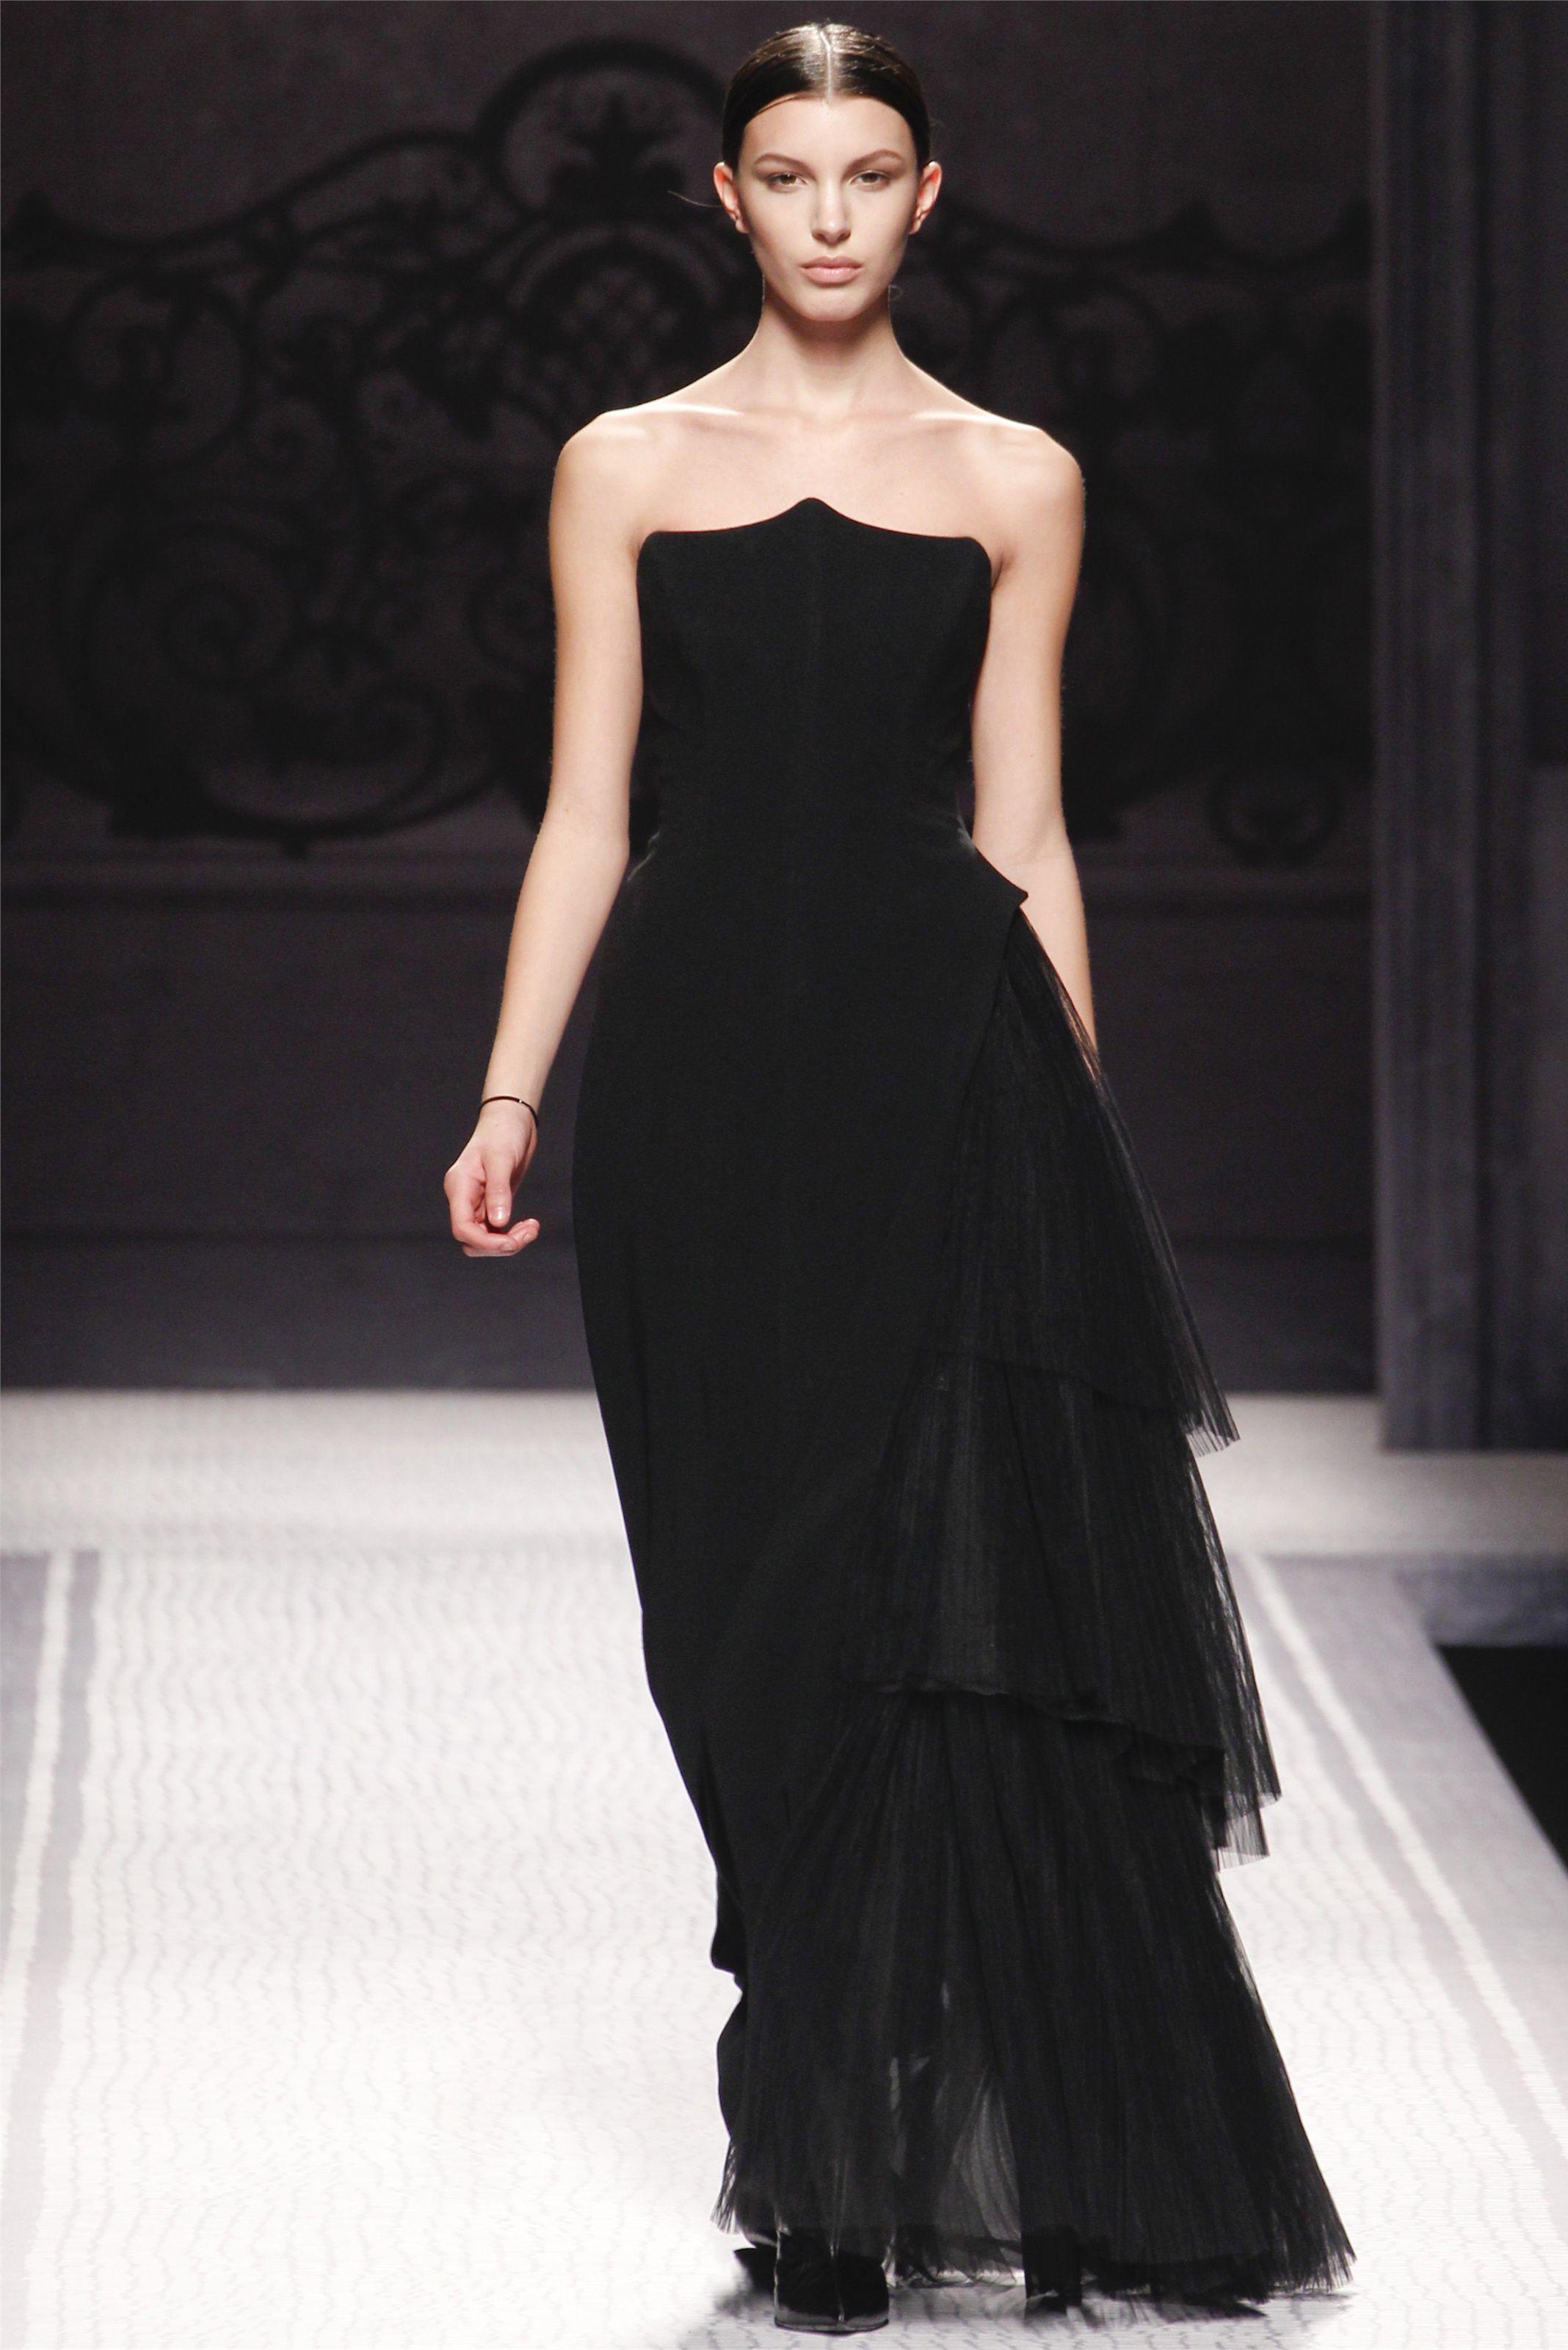 Sfilata Alberta Ferretti Milano - Collezioni Autunno Inverno 2012-13 - Vogue